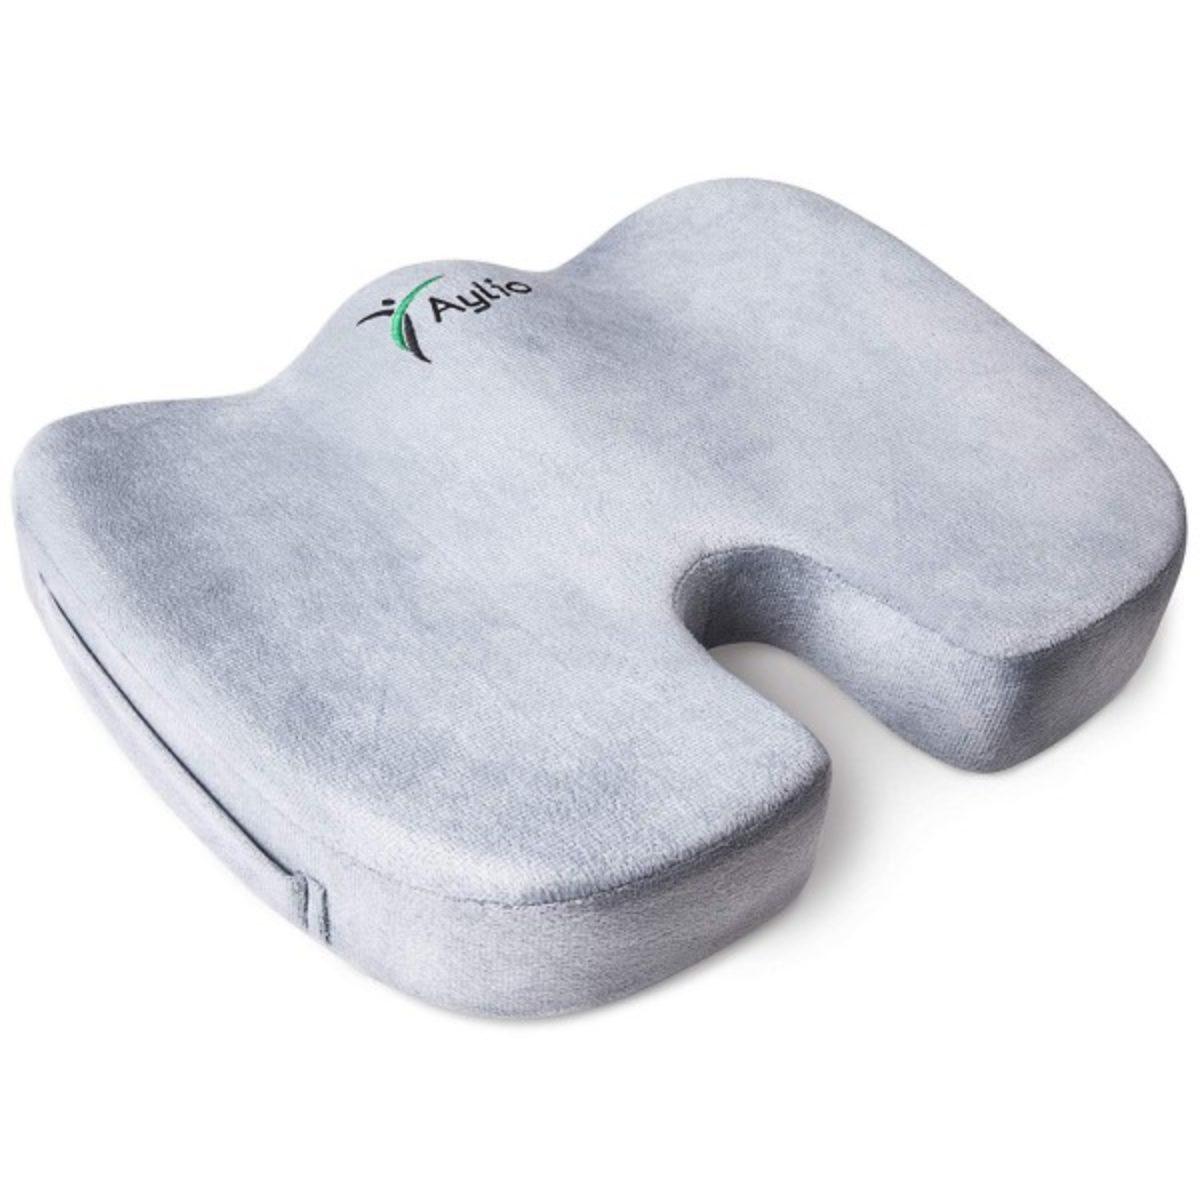 best butt pillows in 2021